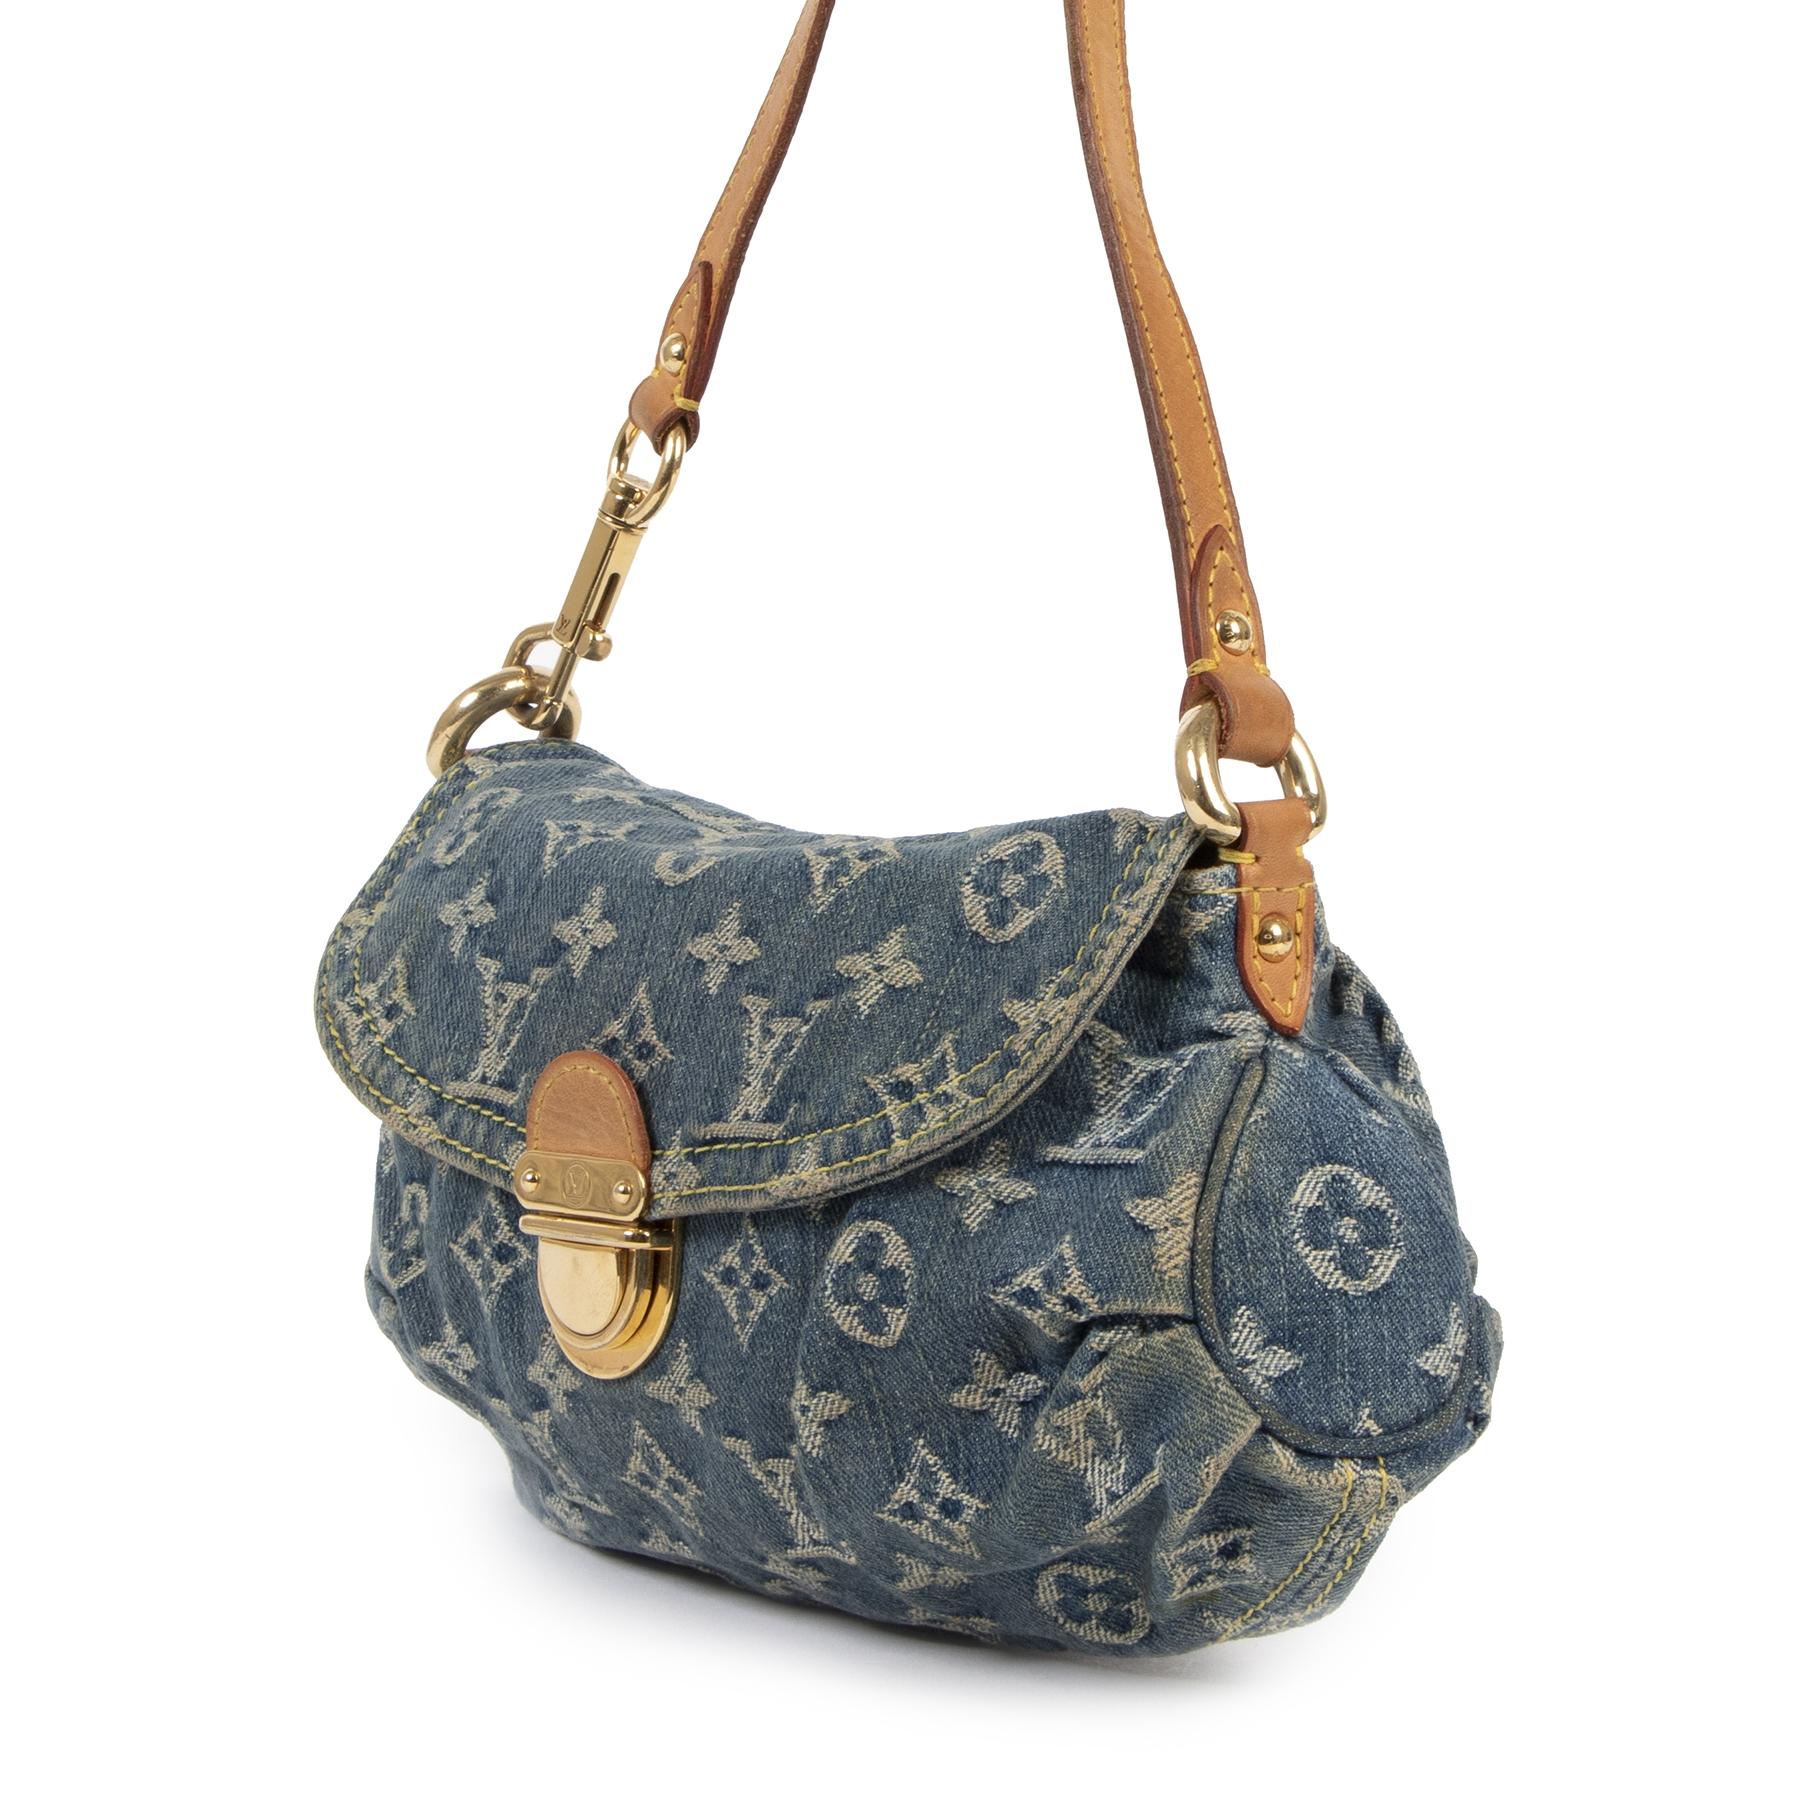 acheter en ligne seconde main Louis Vuitton Pleaty Blue Denim Baguette